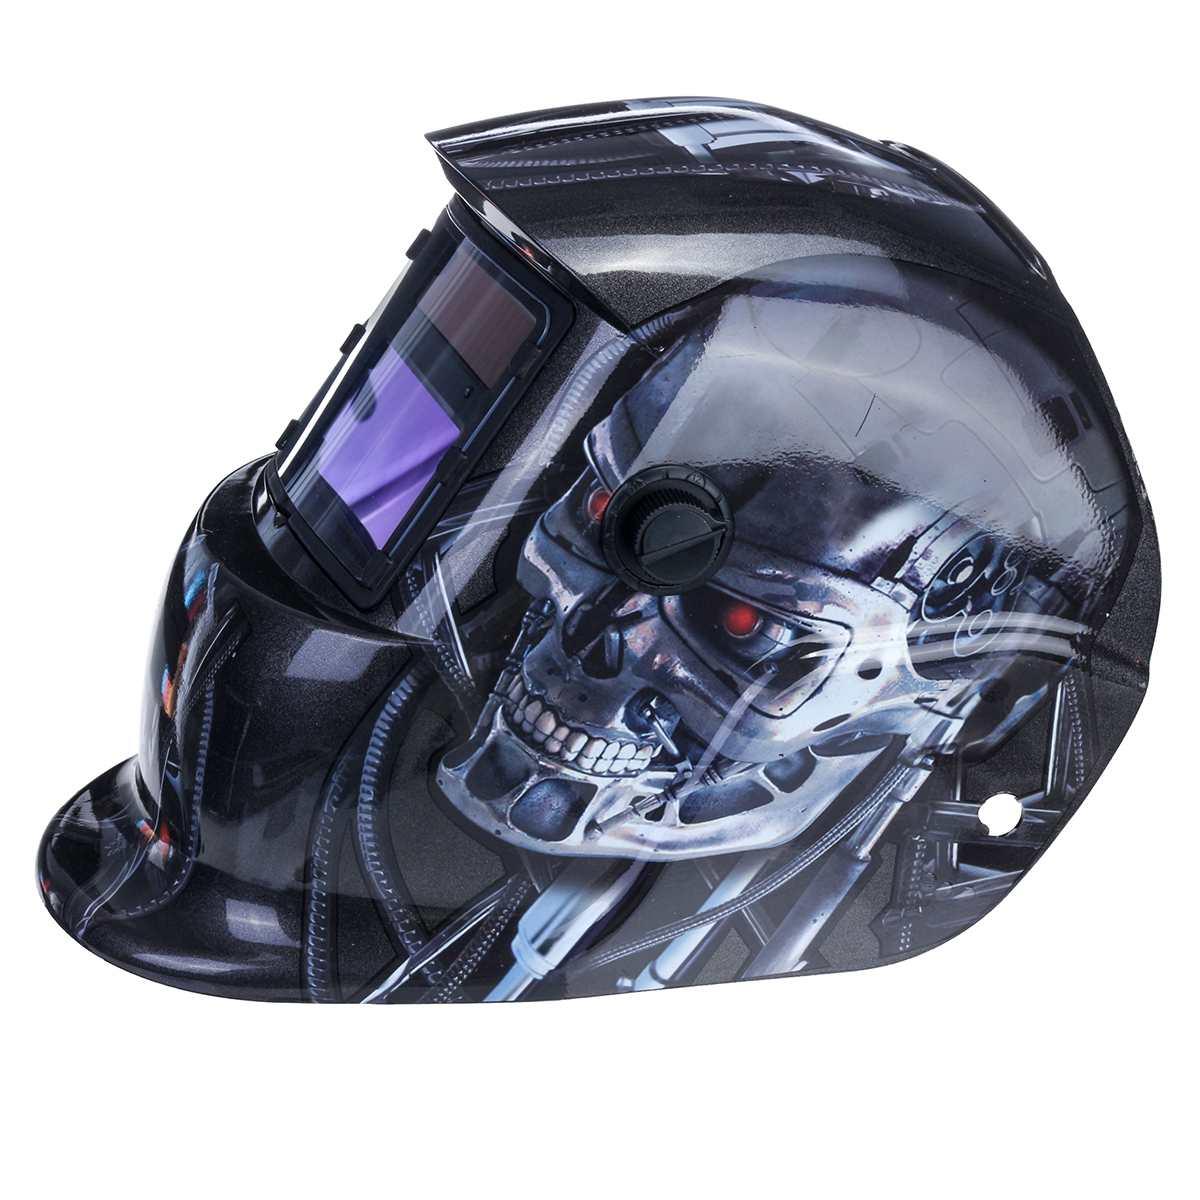 Casco de soldadura automático máscara casco soldadura eléctrica Auto oscurecimiento soldadura TIG MIG máscara de lente de soldadura